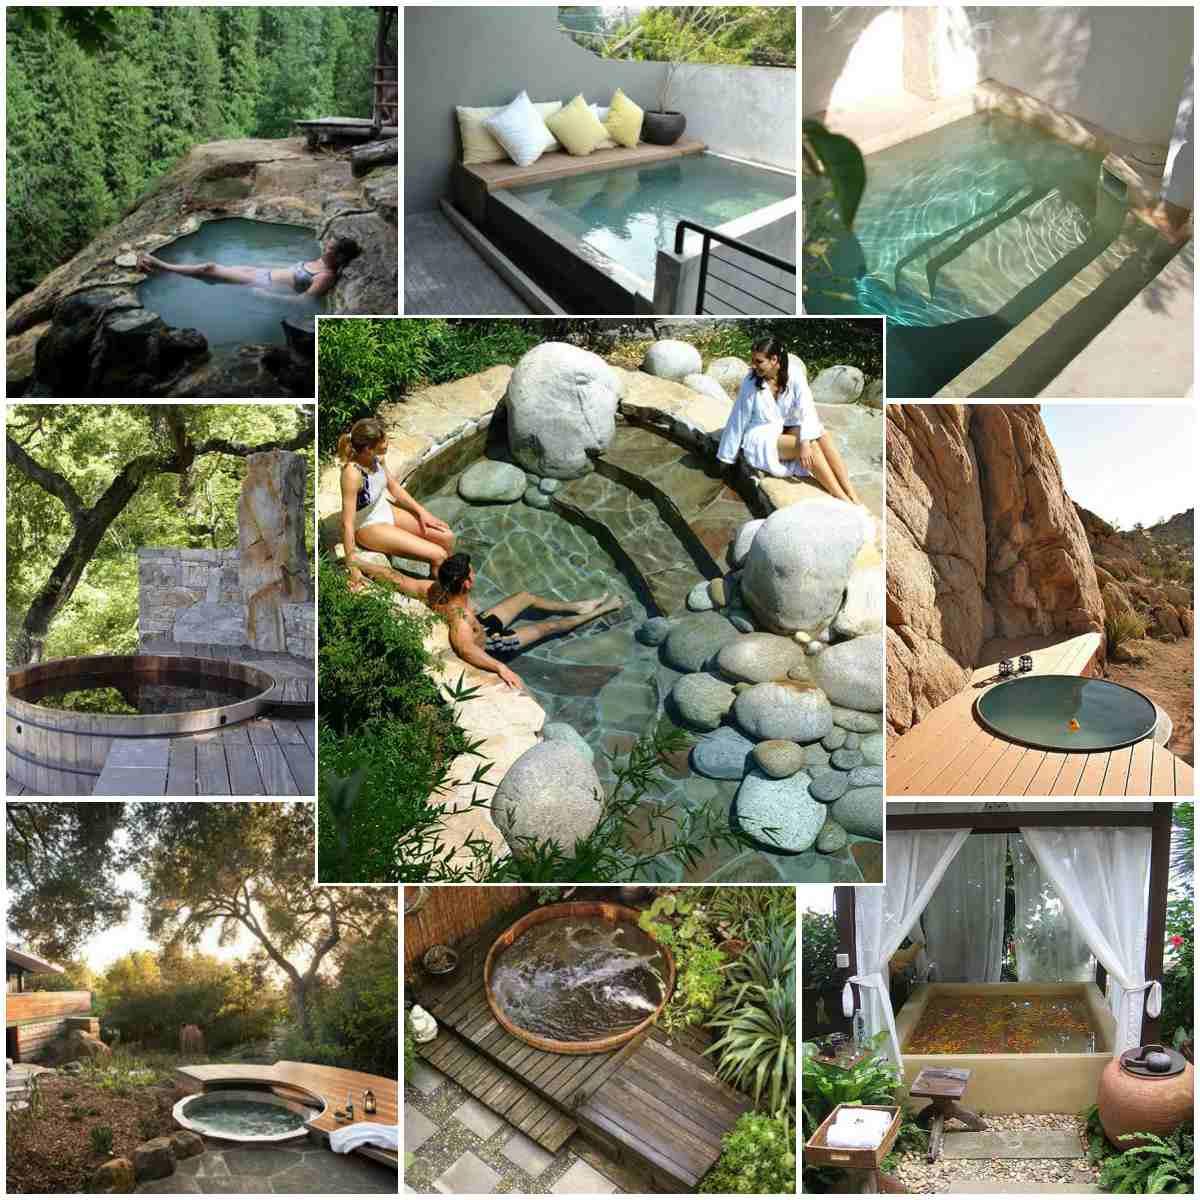 Αναζωογονητικός σχεδιασμός κήπου με μια μικρή πισίνα για να χαλαρώνετε